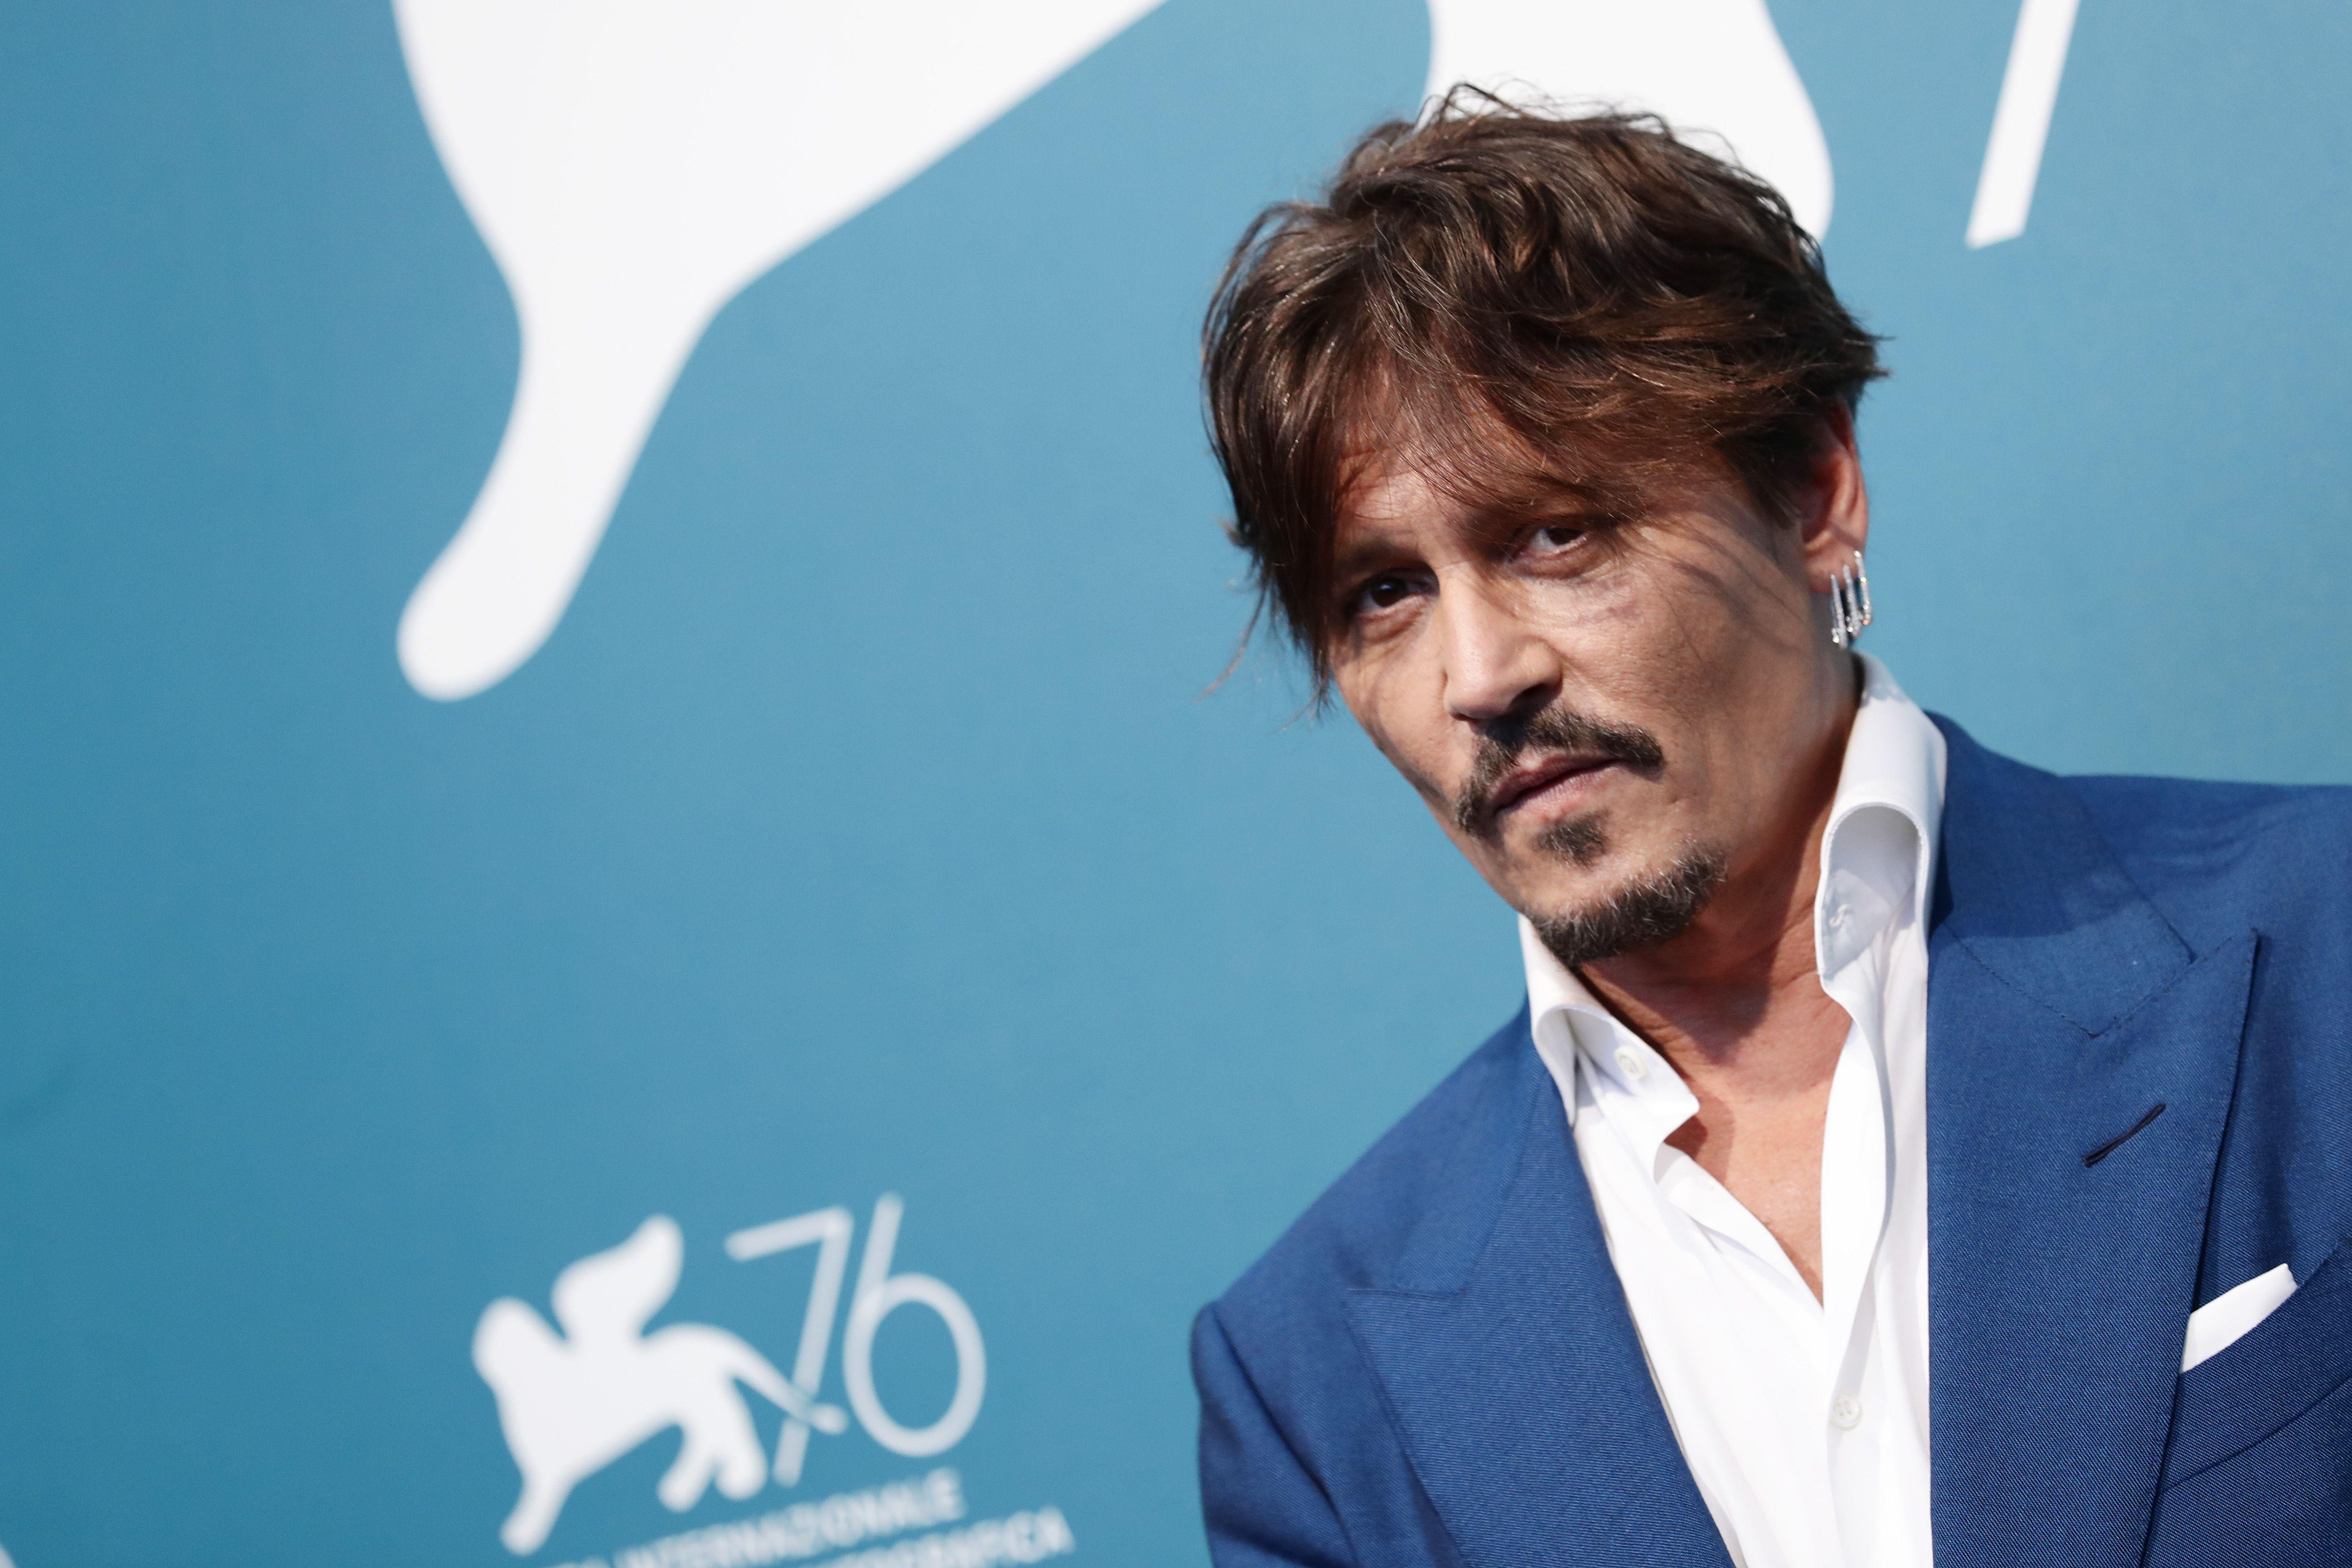 Vittima, carnefice, padre, questo è Johnny Depp a Venezia 76